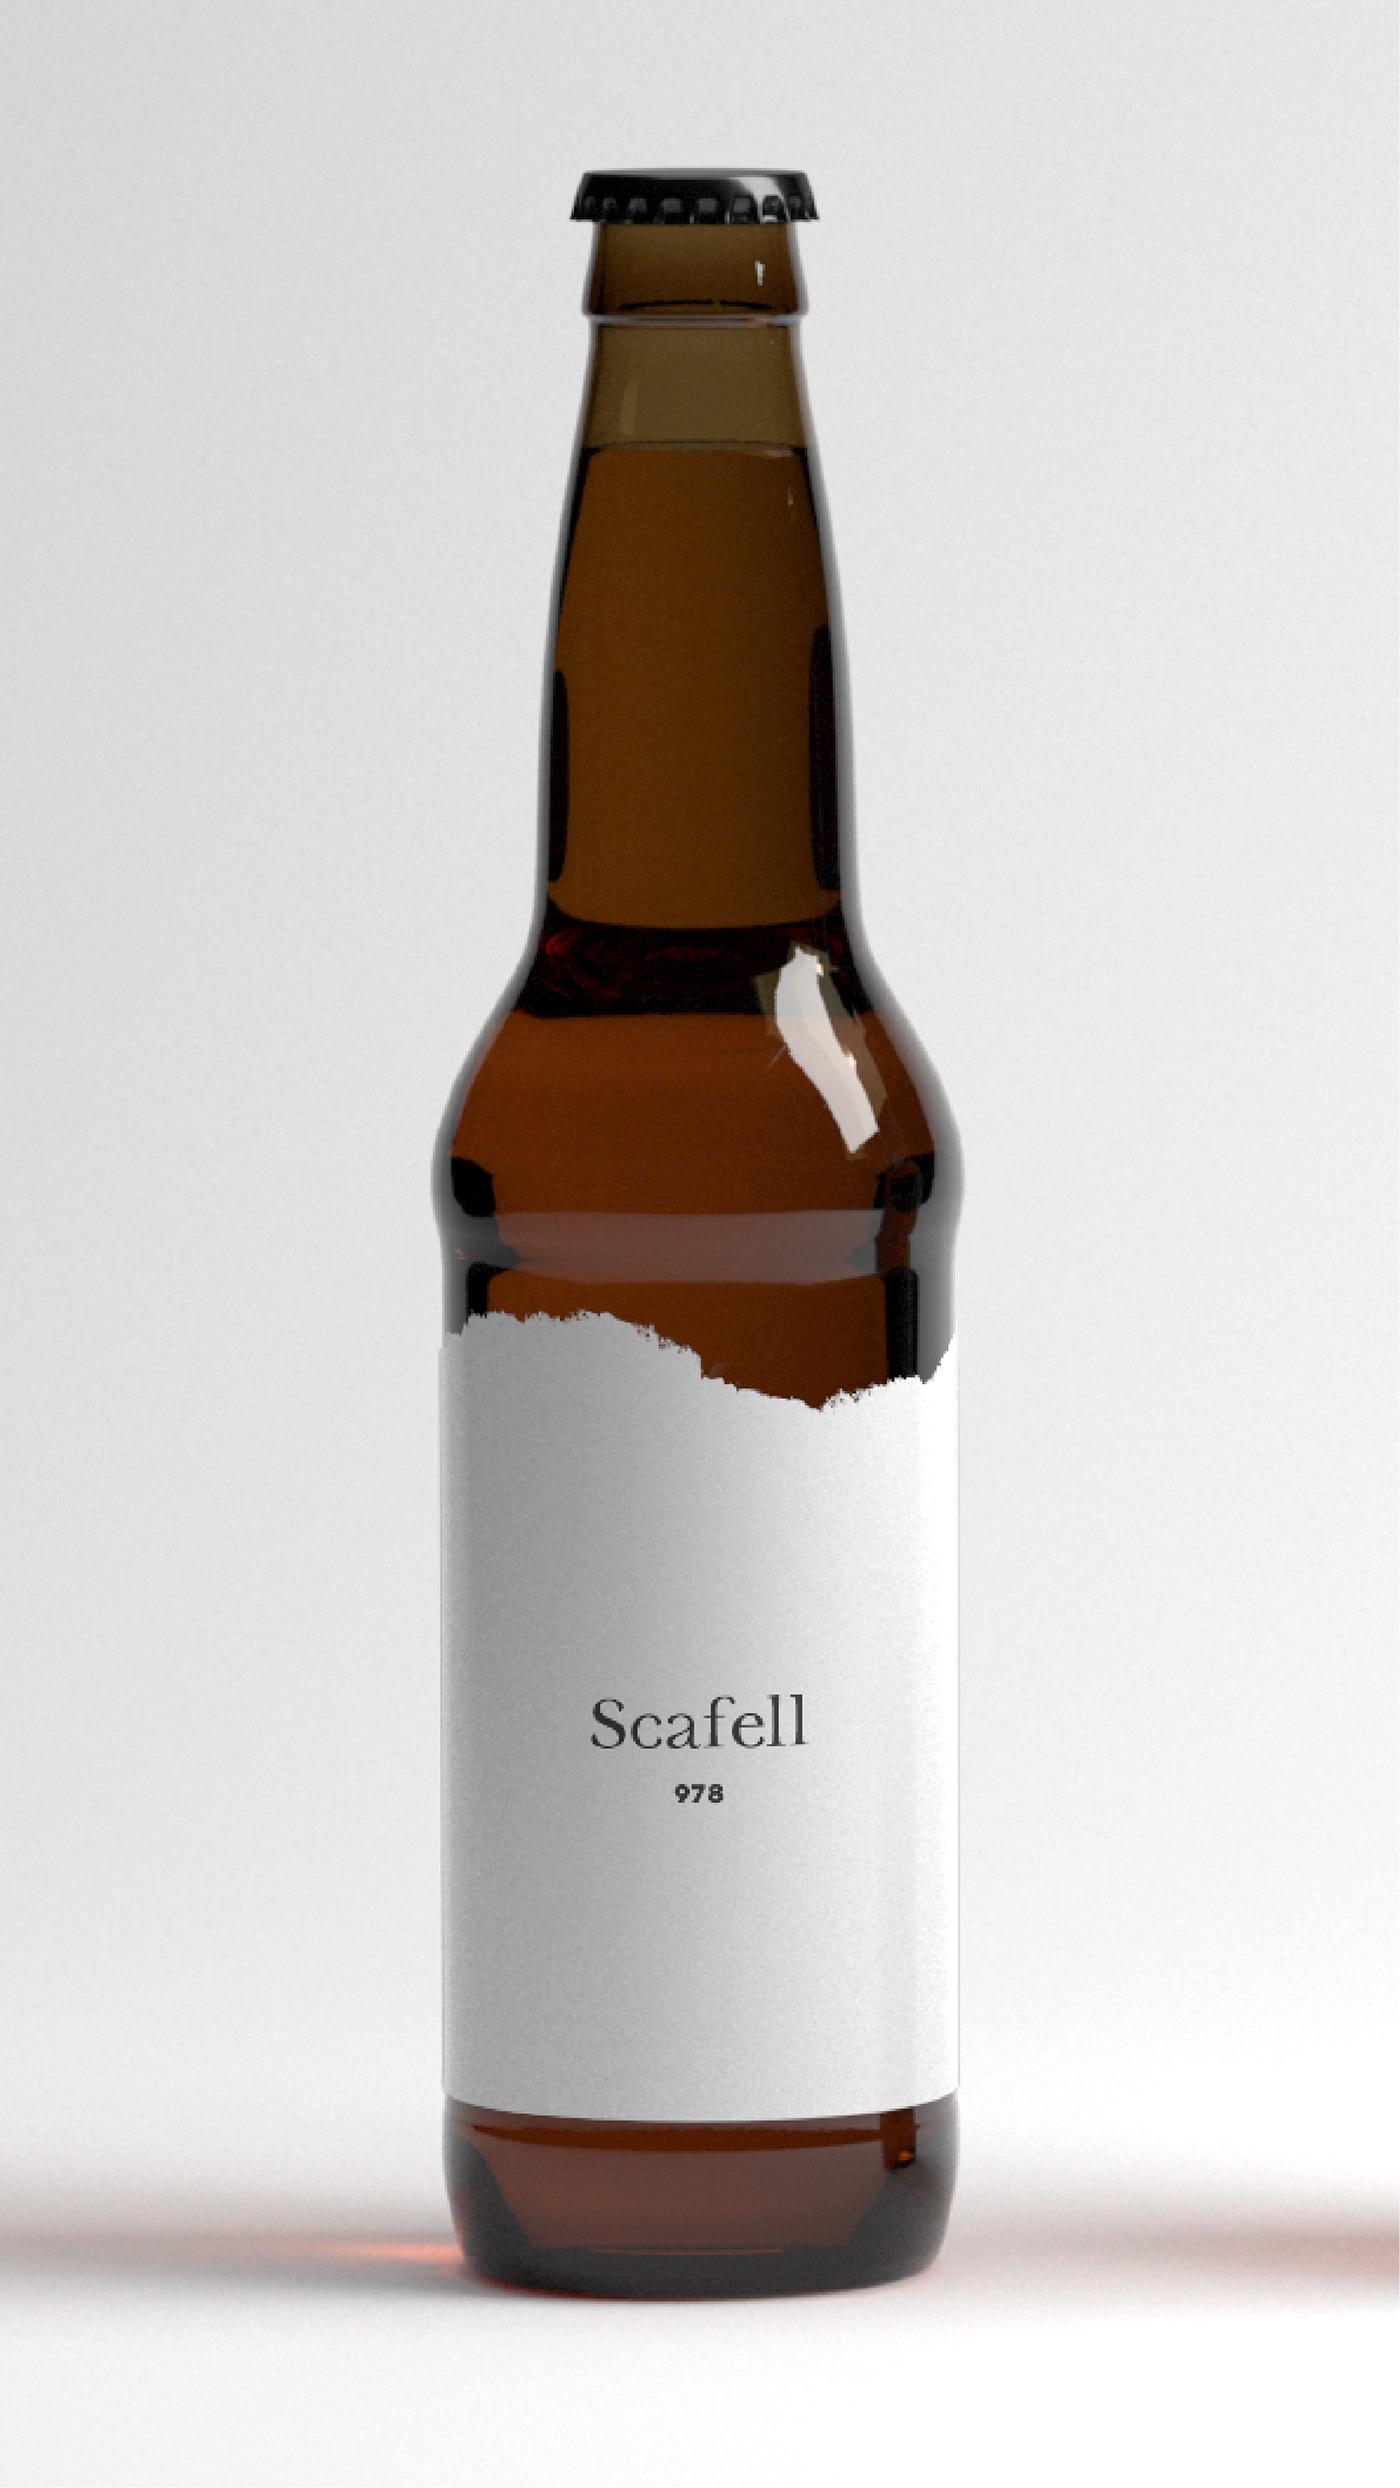 Scafell-bottle-01.jpg